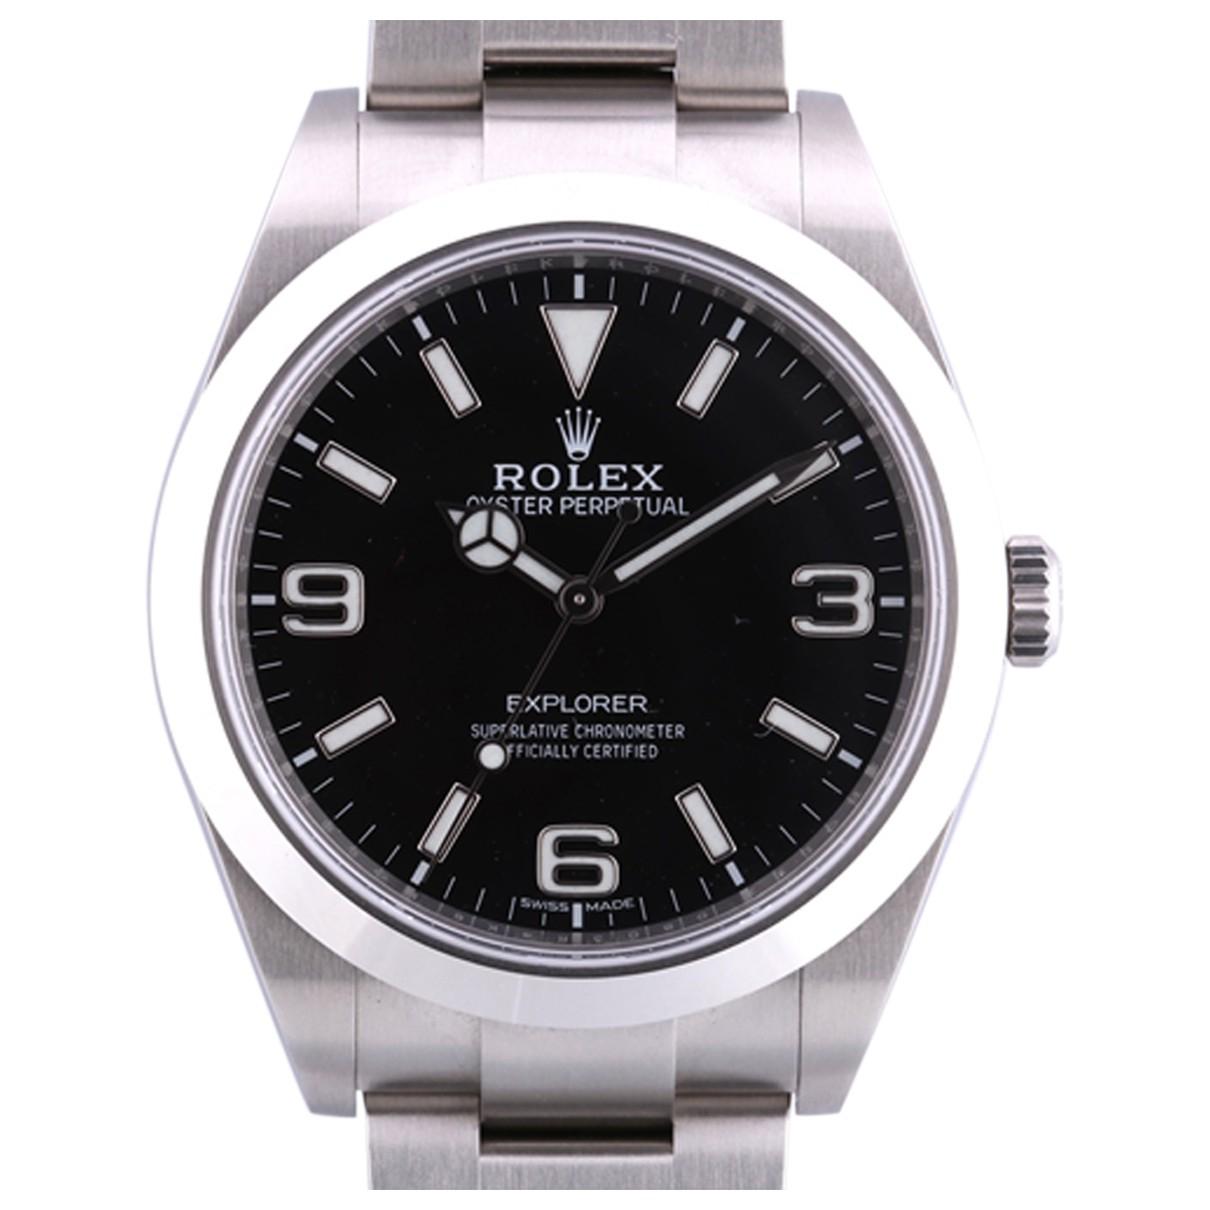 Rolex Explorer 39mm Uhr in  Schwarz Stahl